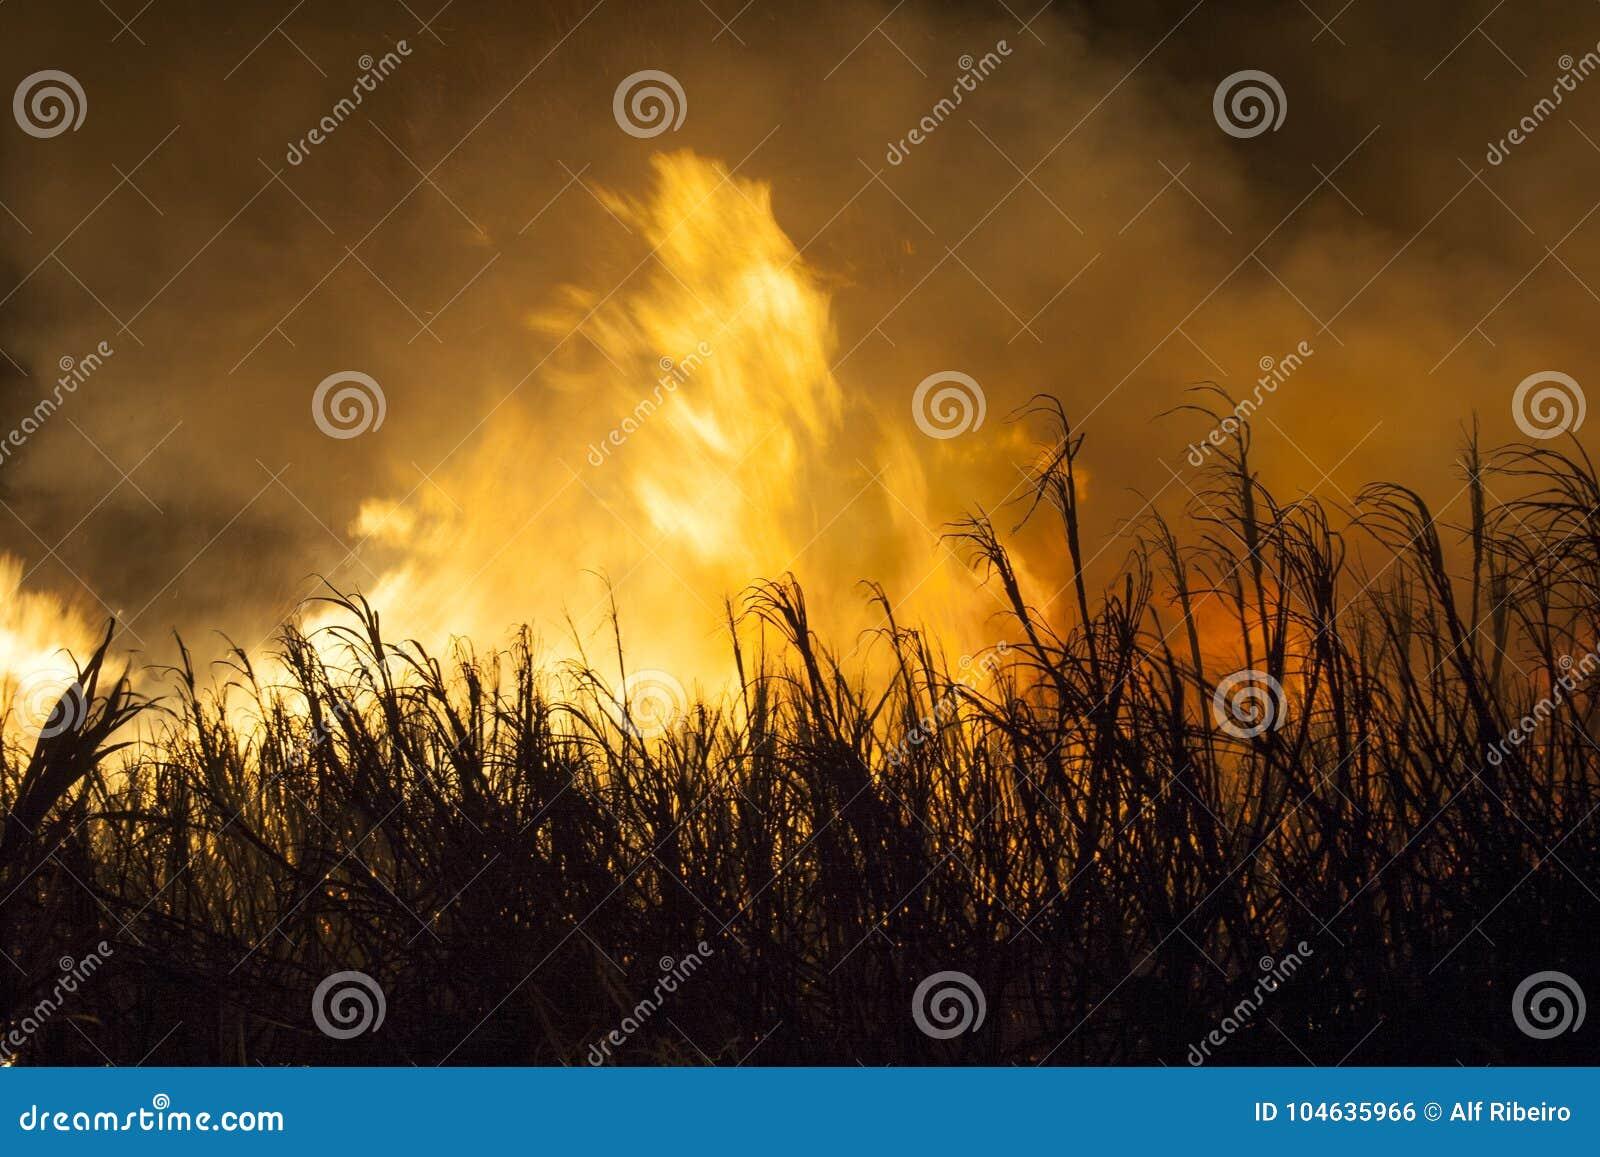 Download Suikerrietbrand stock foto. Afbeelding bestaande uit landbouwindustrie - 104635966